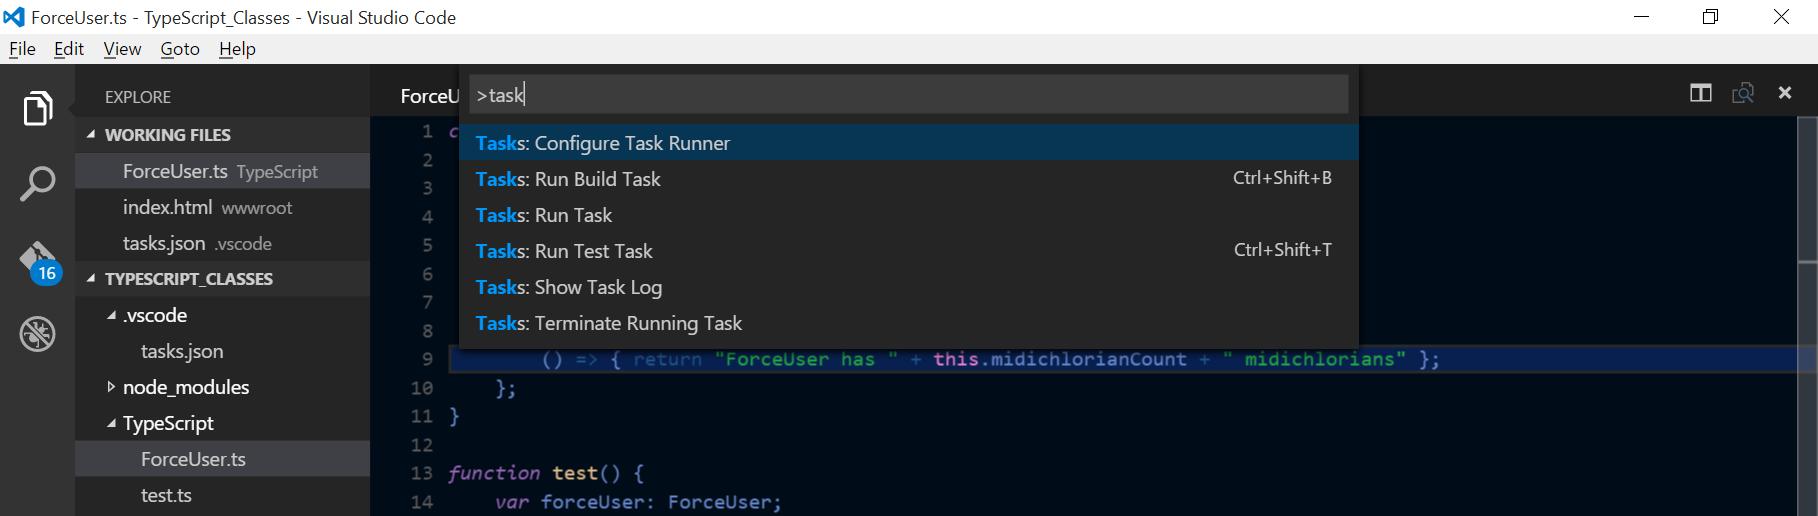 VS Codes Command Palette